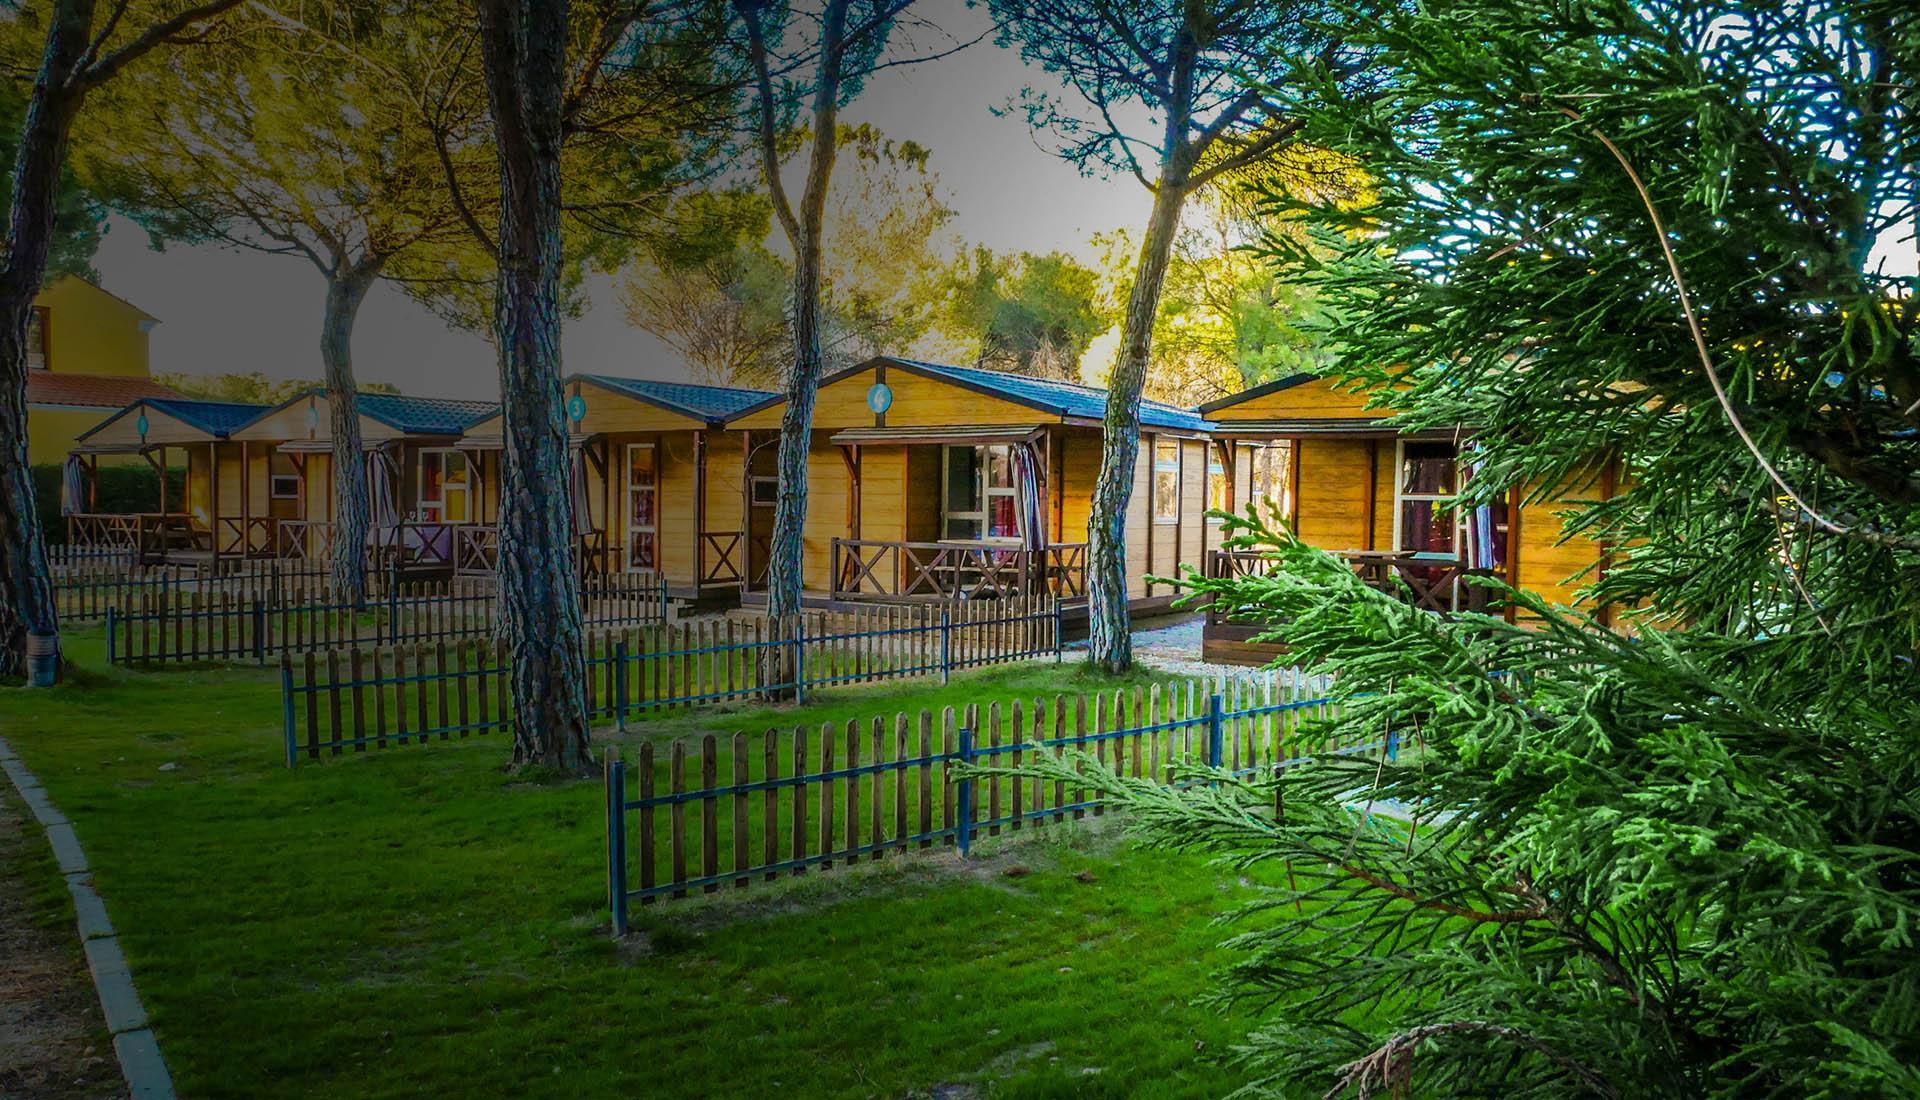 camping en valladolid, camping ribera del duero, spain, bungalows, carro viejo, reserva online, ribera del duero, peñafiel, alojamientos en peñafiel, hoteles ribera del duero